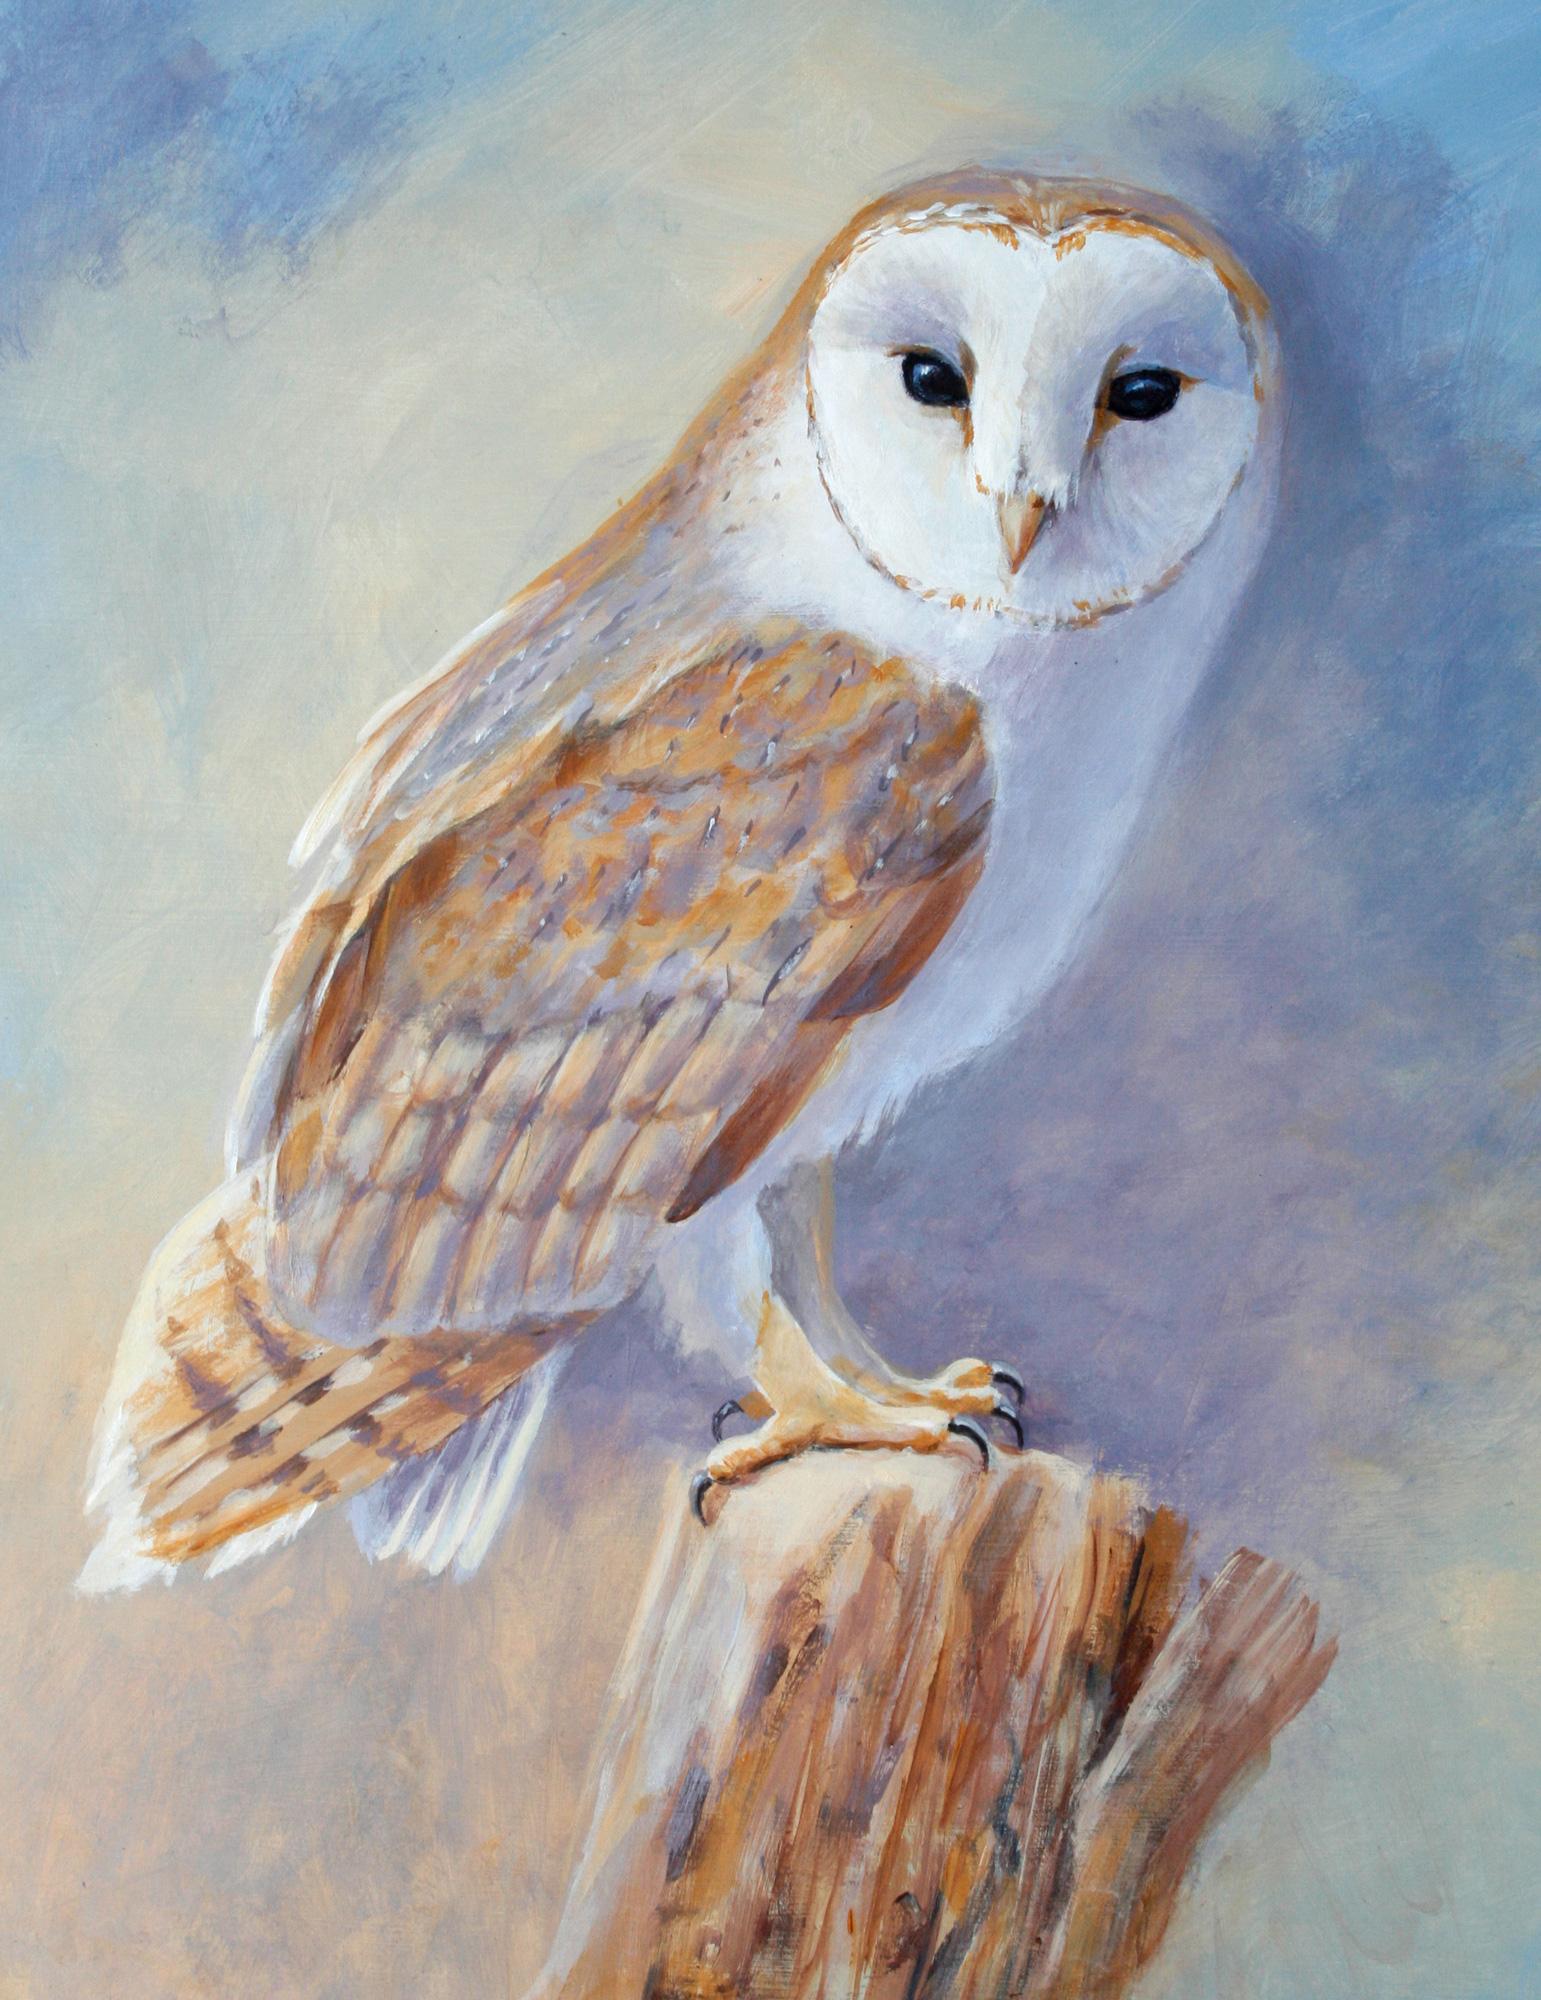 Jackie Garner | Barn Owl | Acrylic | 35x44cm framed | £480